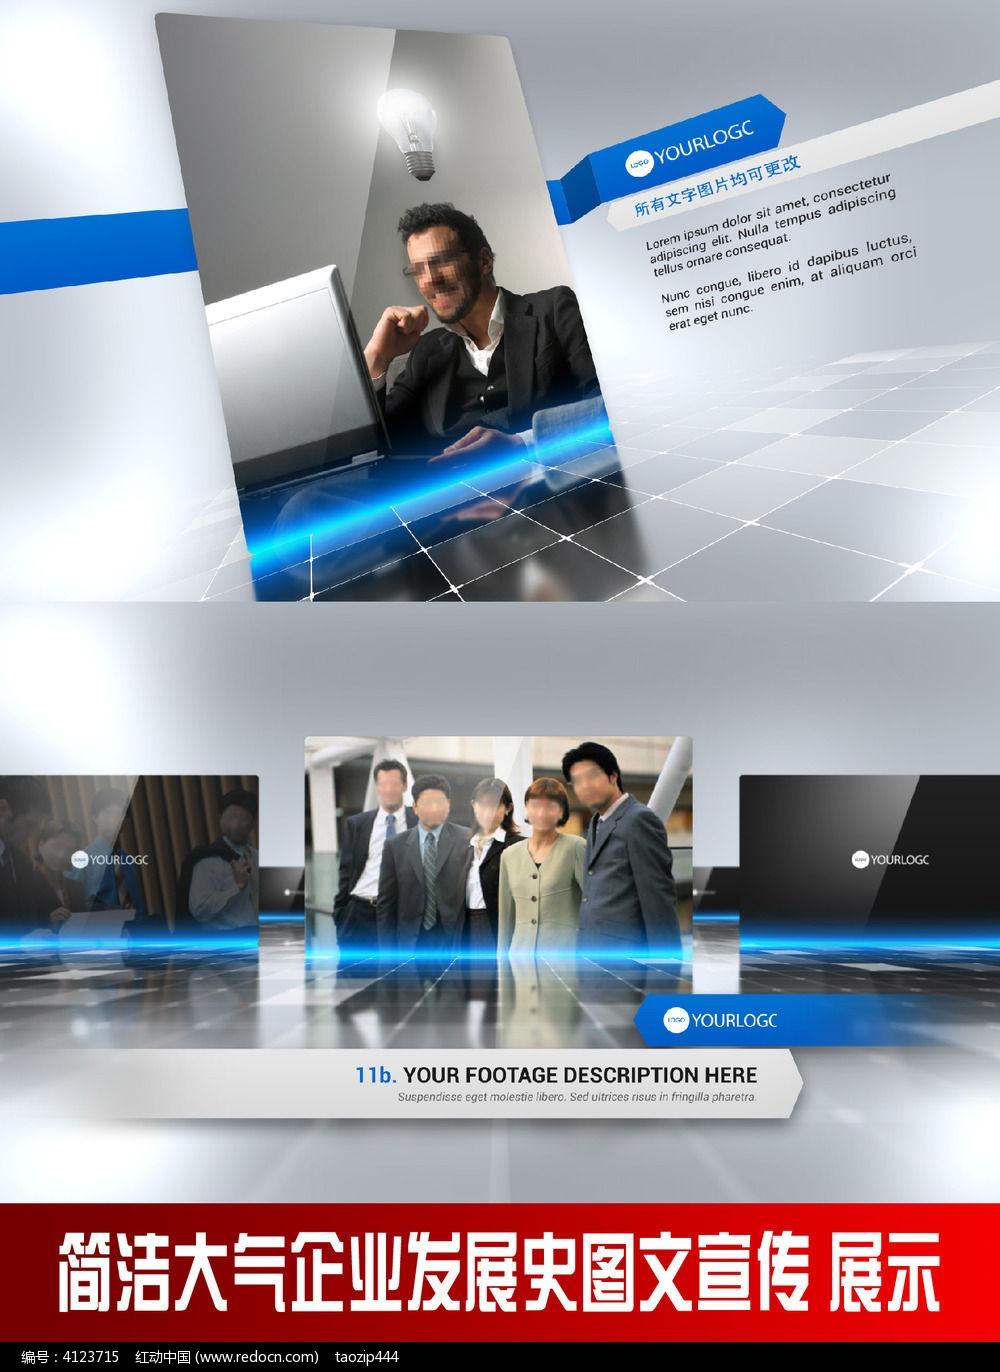 简洁大气企业发展史宣传展示视频模板